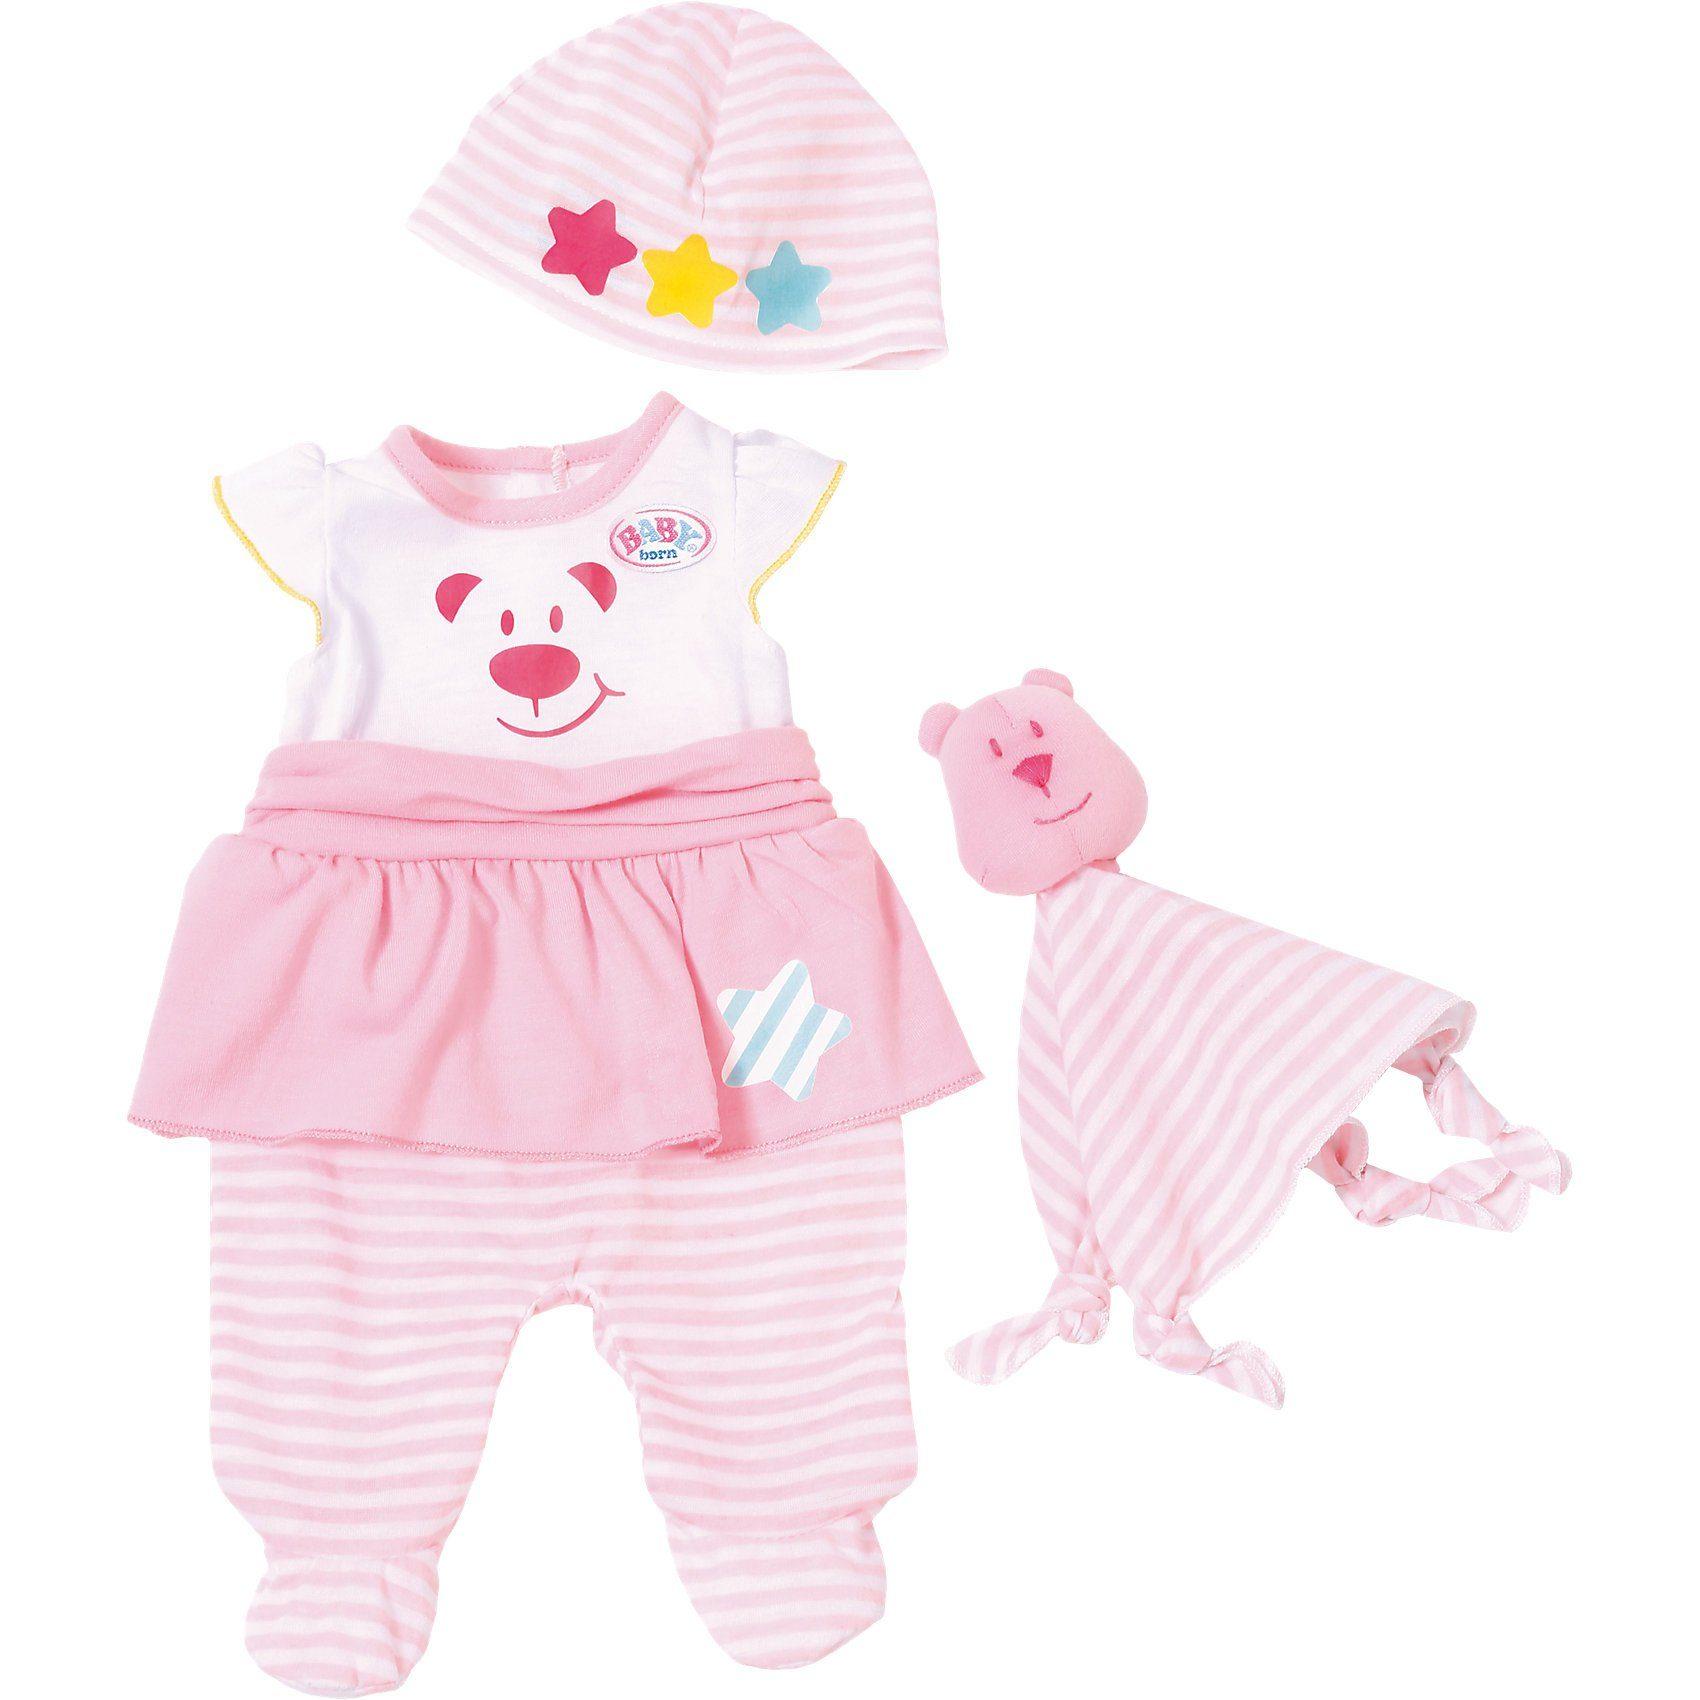 Zapf Creation® Exklusiv BABY born® Kuschel Outfit mit Schnuffeltuch Puppenk